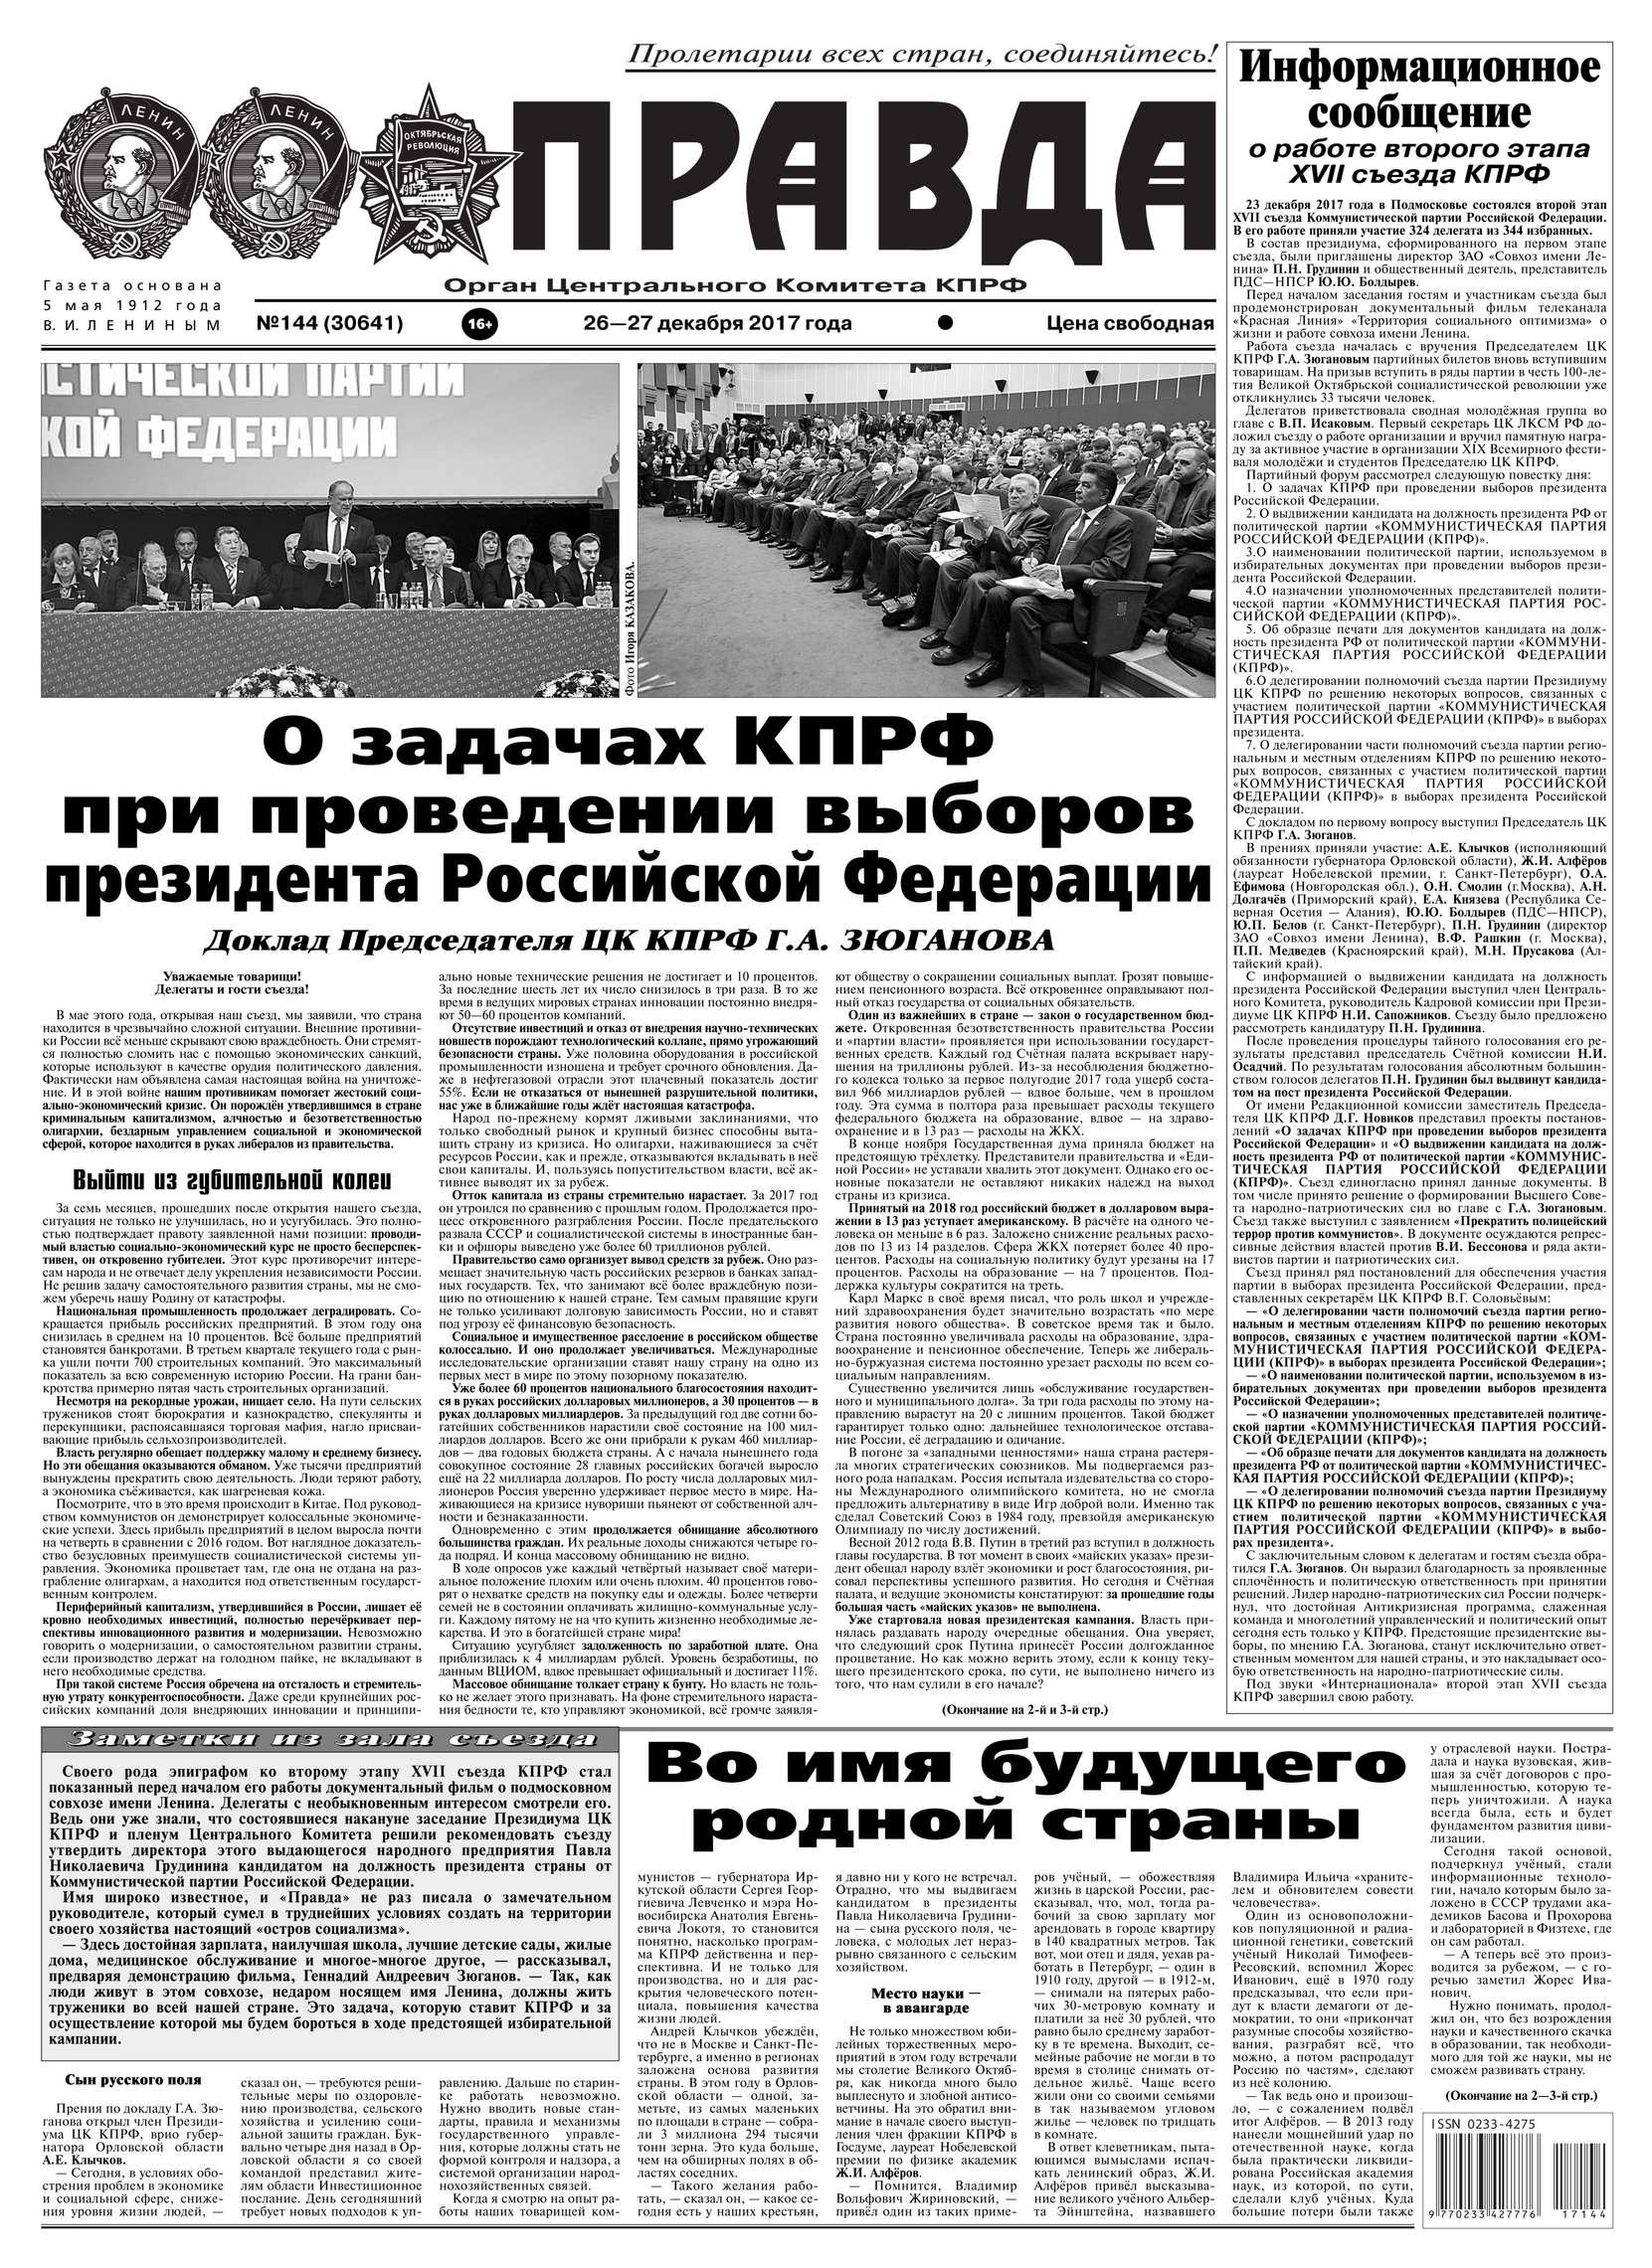 Редакция газеты Правда Правда 144-2017 редакция газеты новая газета новая газета 95 2017